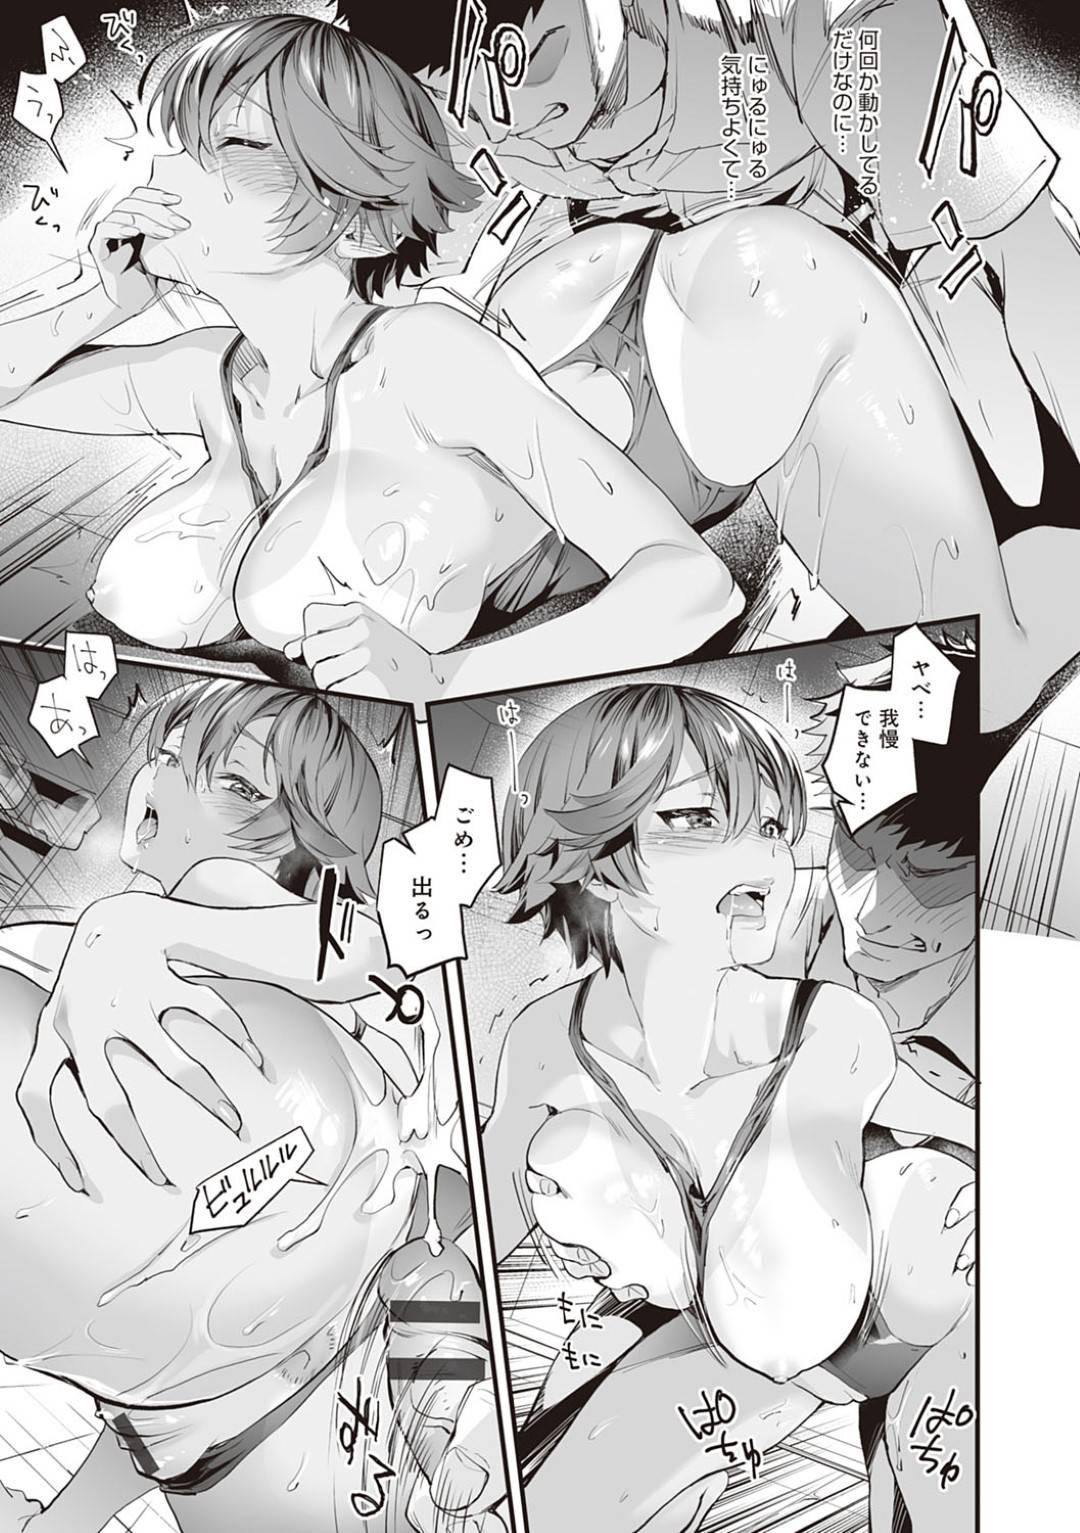 【エロ漫画】スク水の褐色である美少女な幼馴染…大好きな男へパイズリフェラしてあげてから手コキされてお互いに告白しイチャラブに中出しセックスしちゃう!【sage・ジョー:きょーえいっらばー】